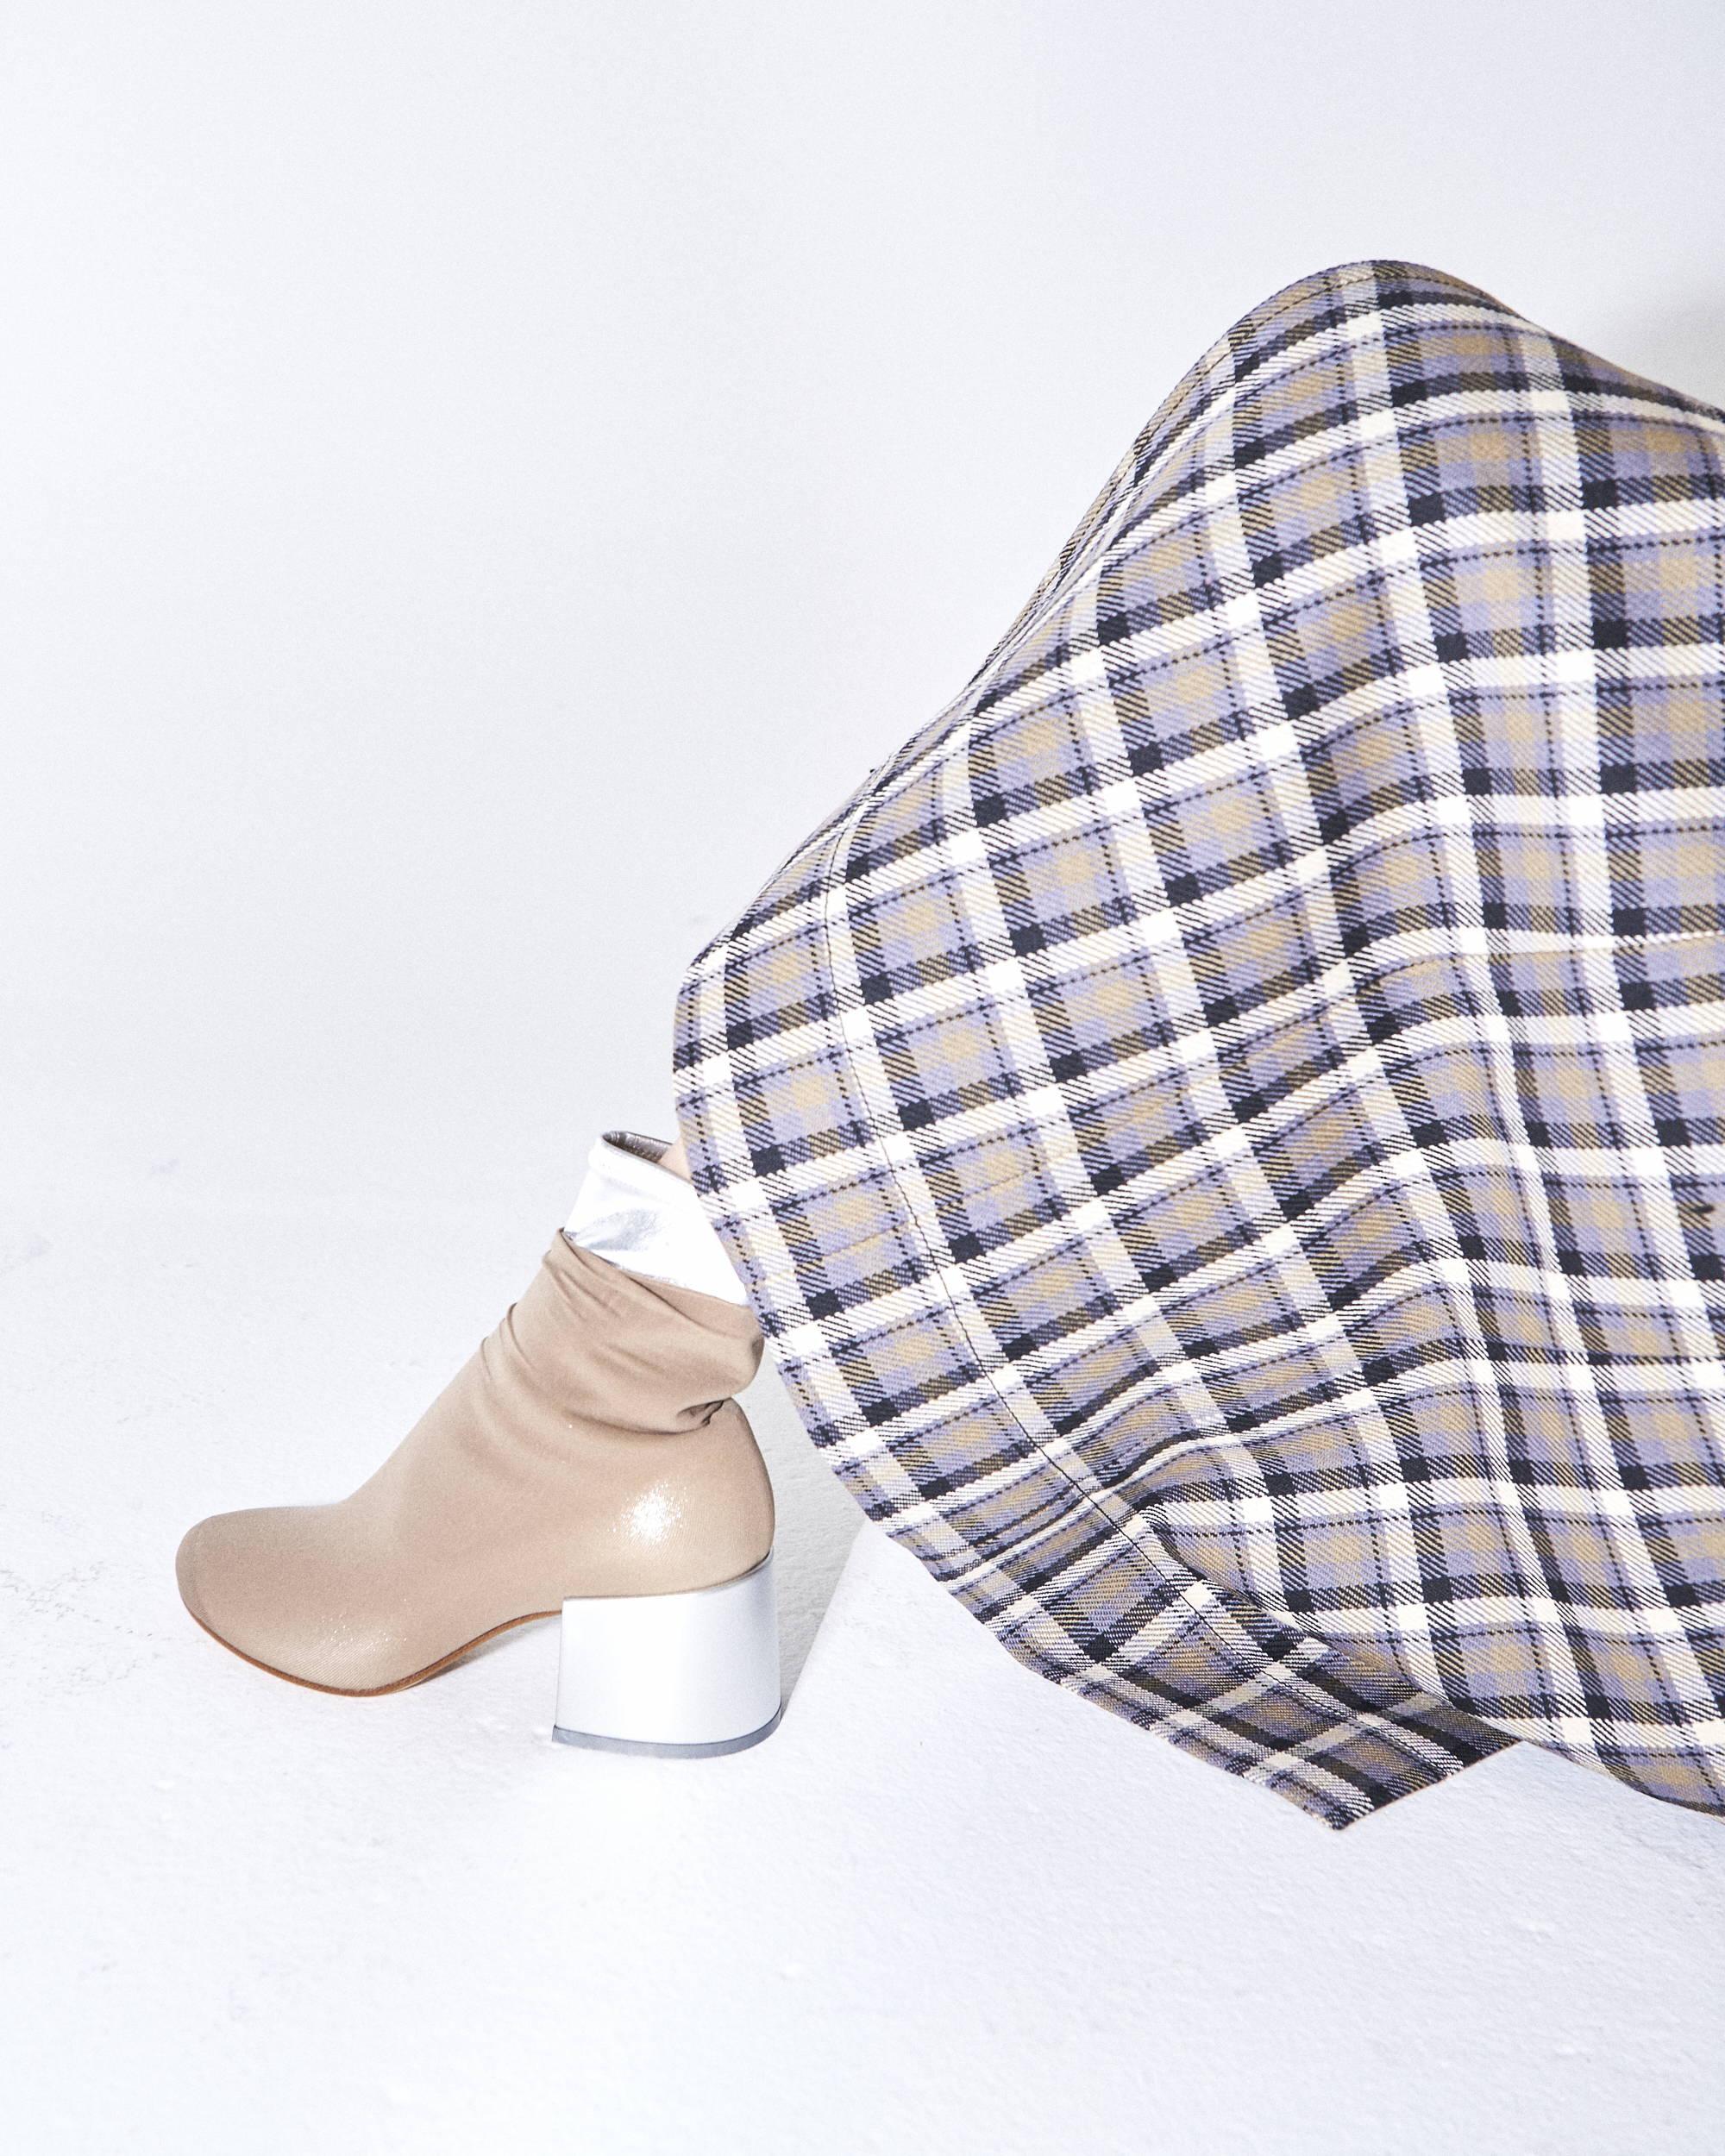 MM6 Maison Margiela Stocking Heels SS18 - Hlorenzo